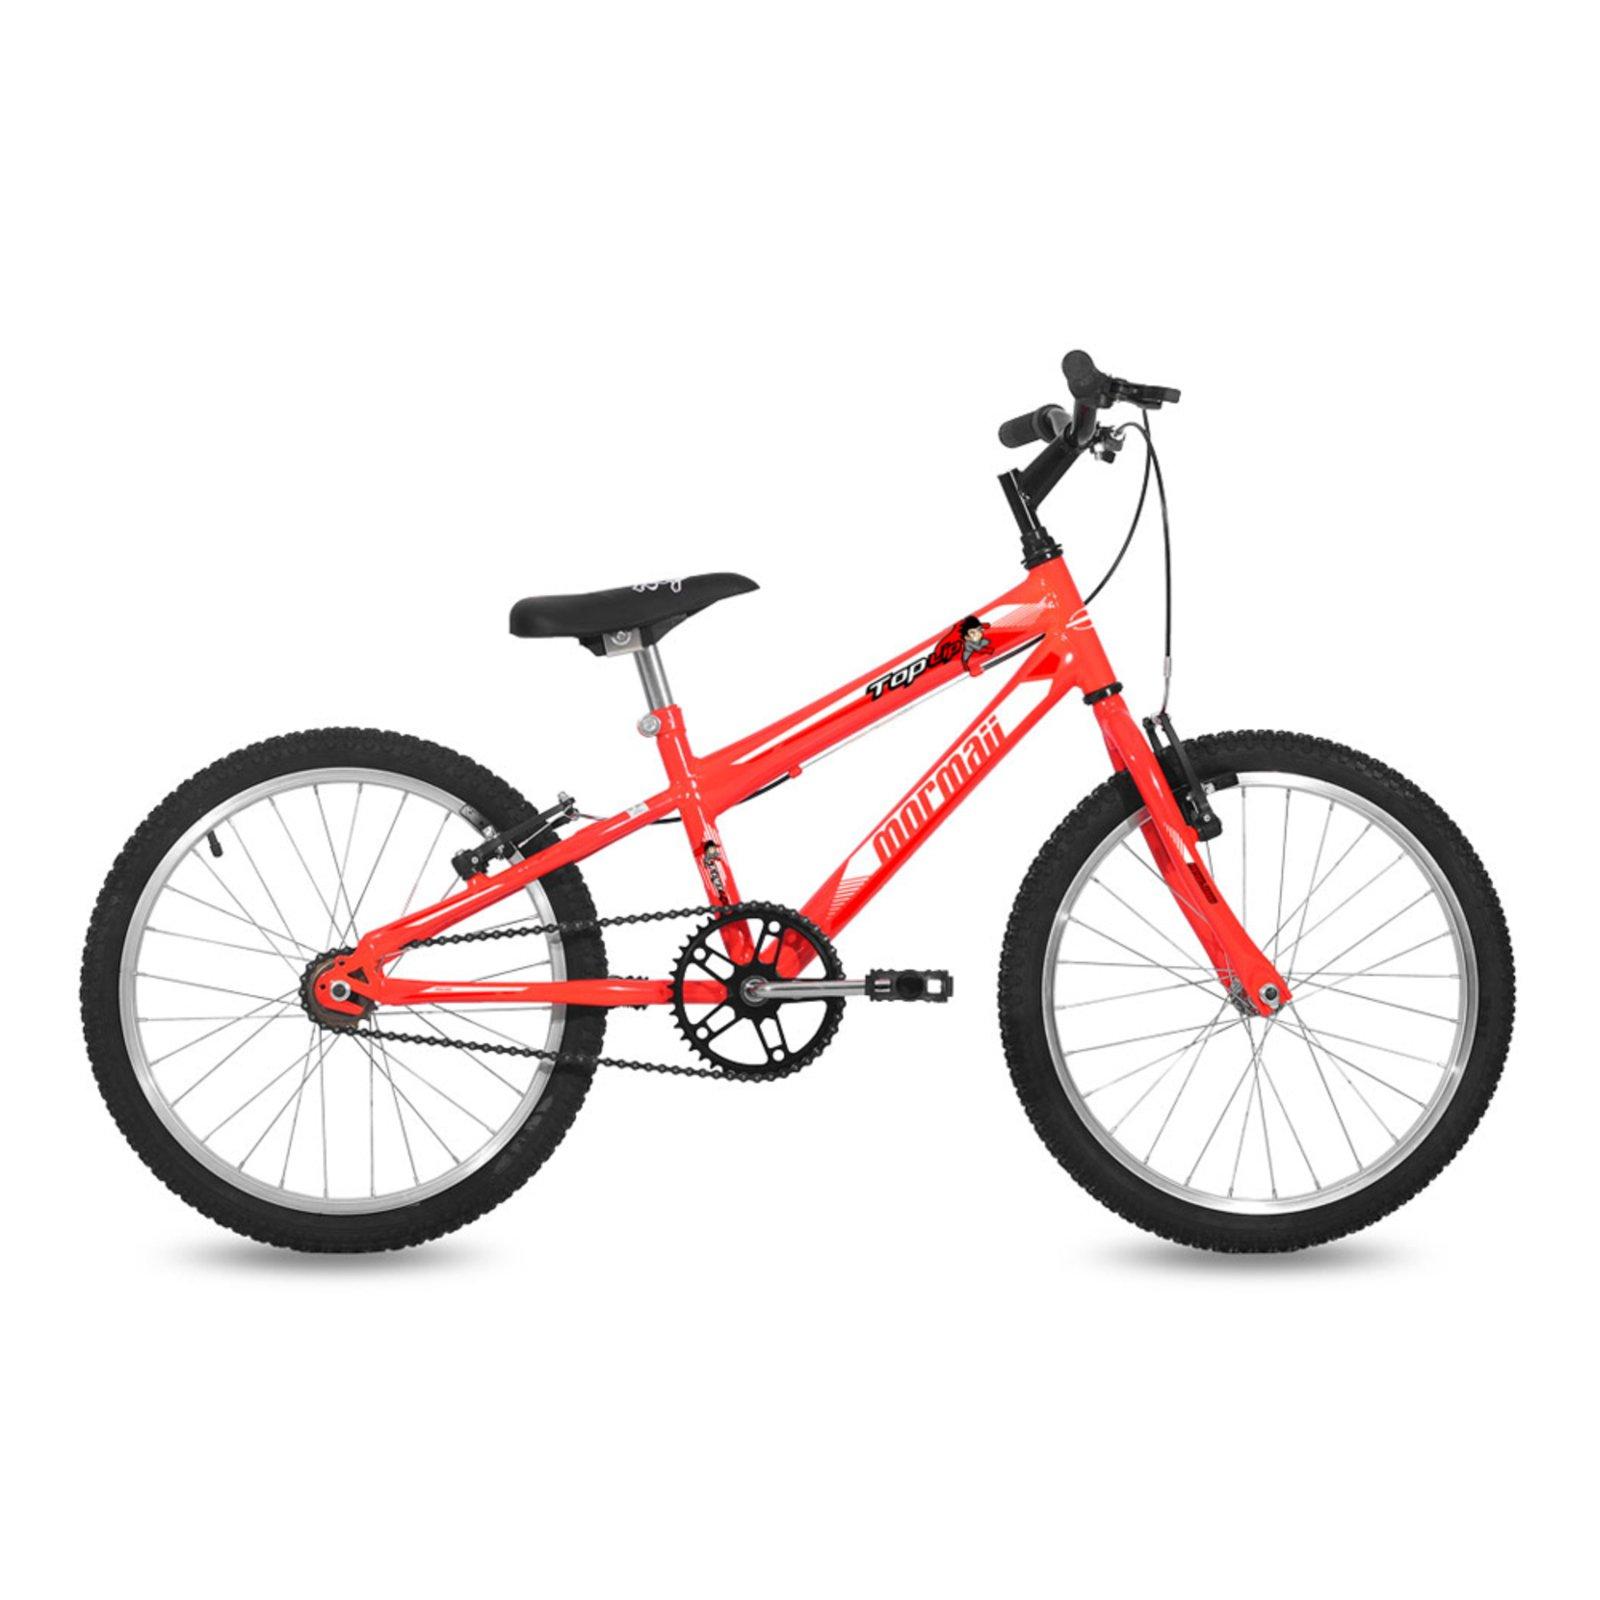 Bicicleta Mormaii Top Lip Aro 20 Rígida 1 Marcha - Laranja